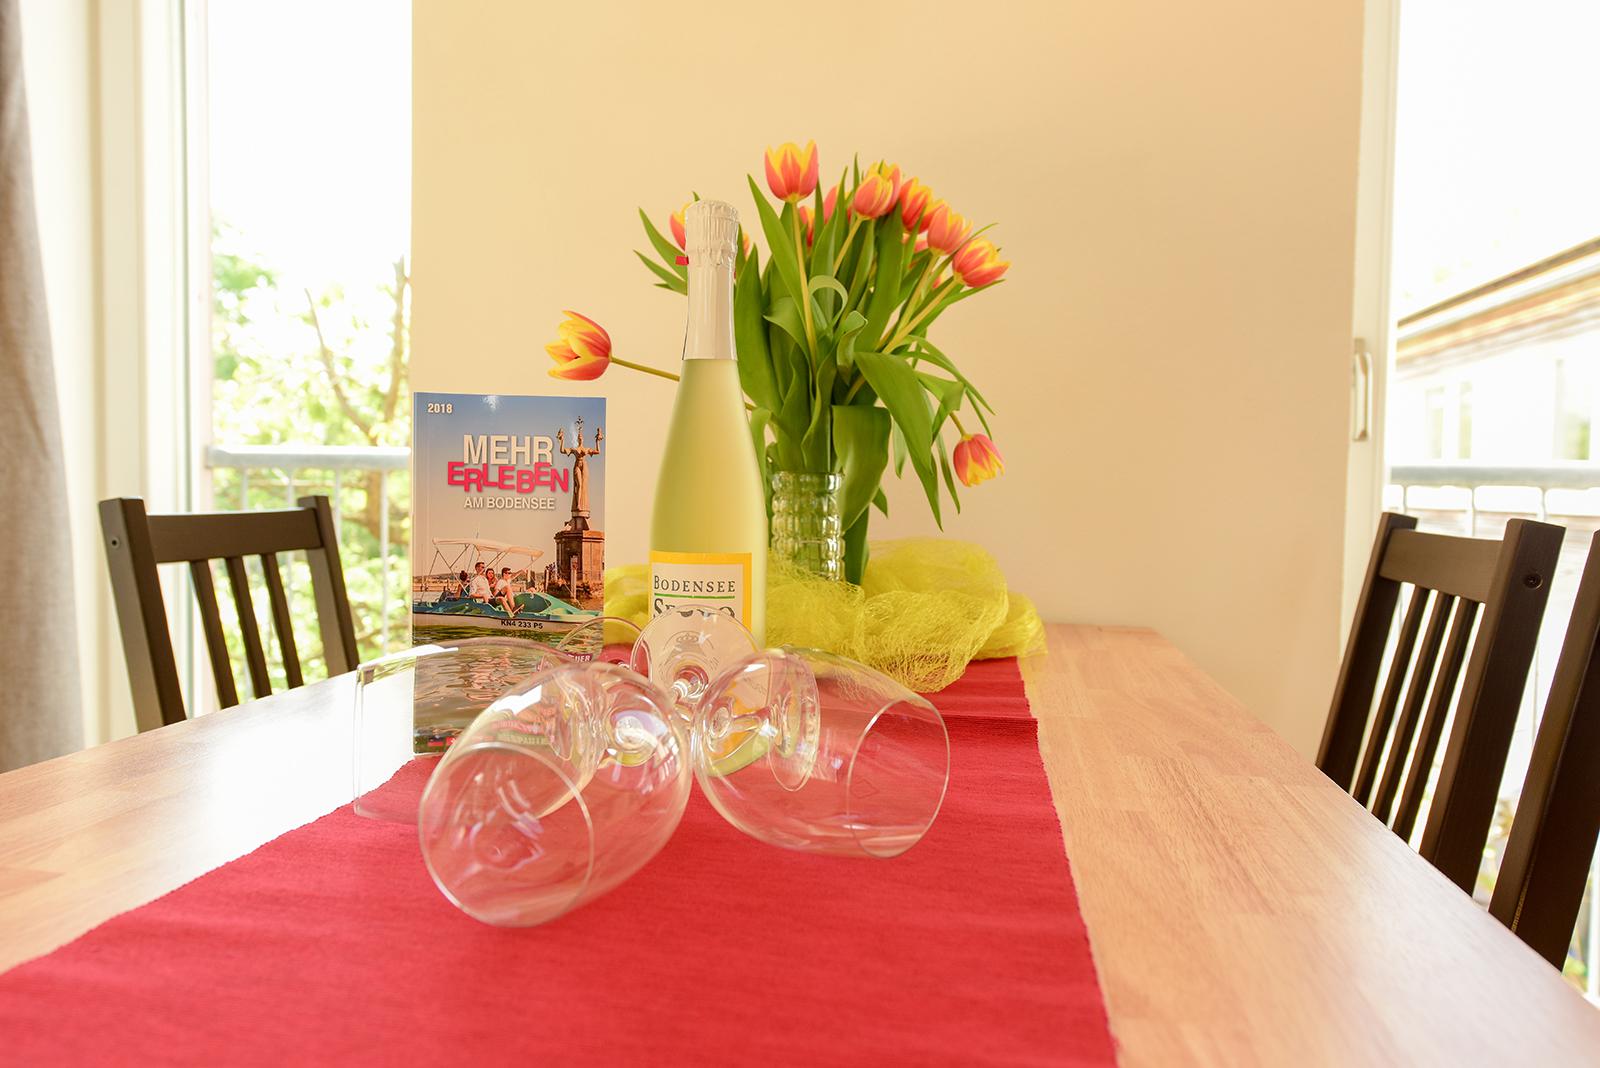 Ferienwohnung am Bodensee: Seeblüte - Deko